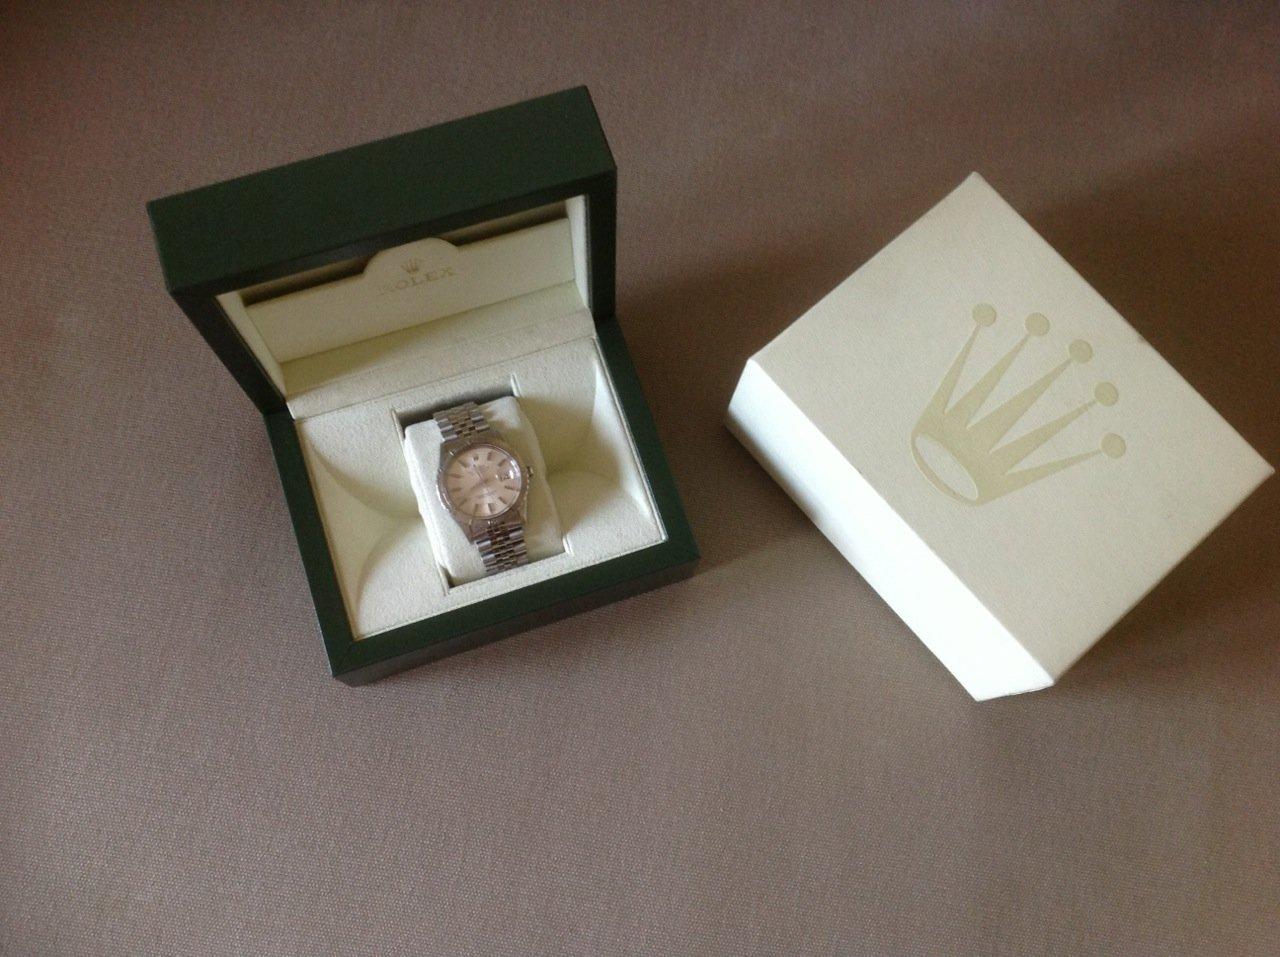 Compro orologi usati perugia acquisto orologio usato lusso - Compro parquet usato ...